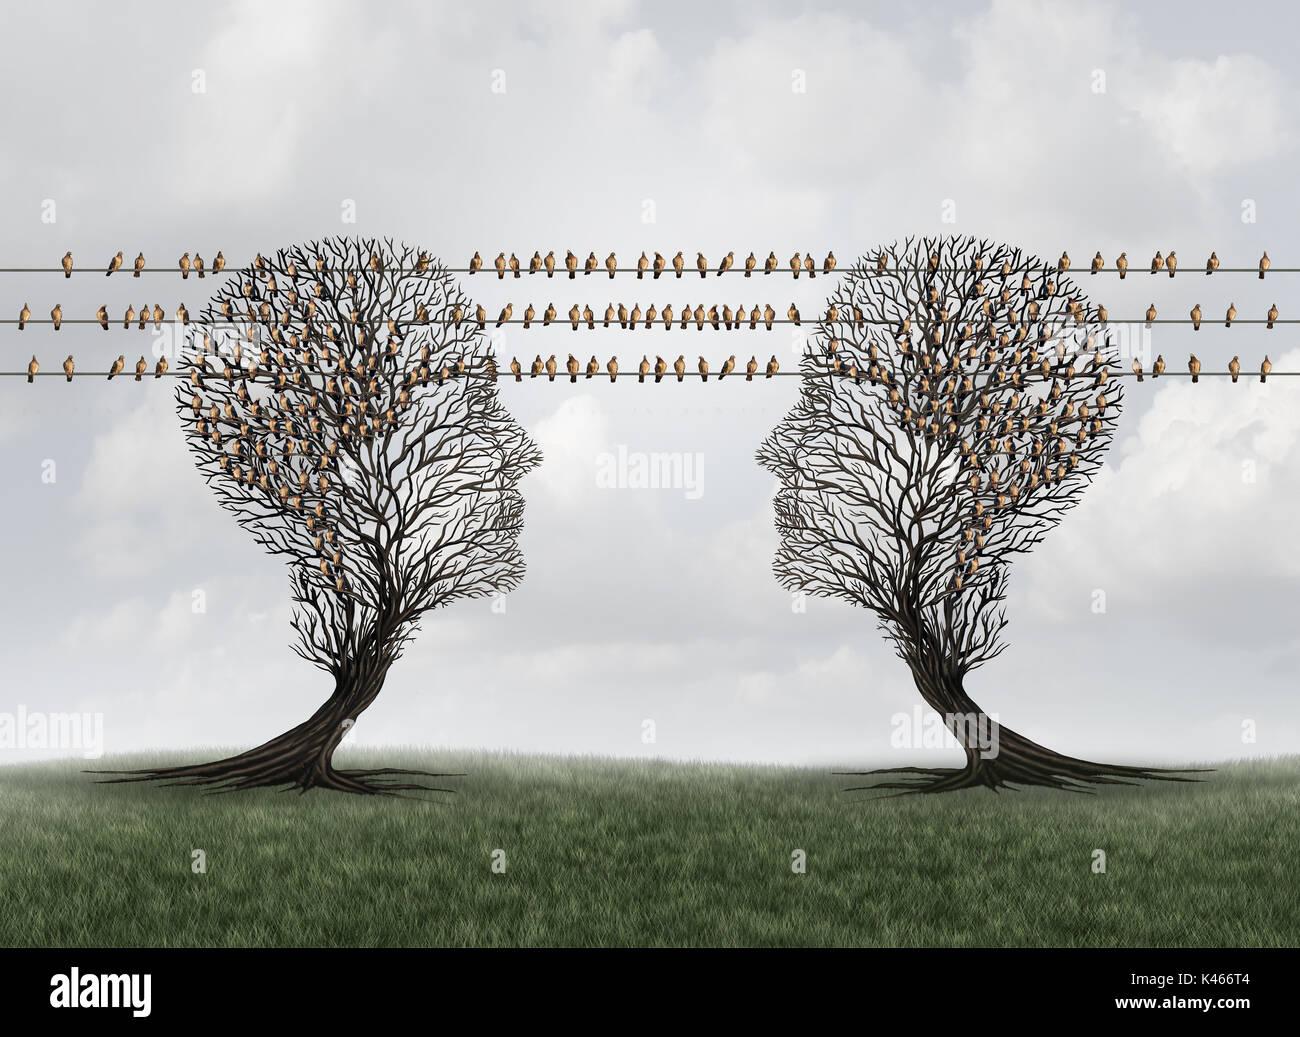 Conexión de red de comunicación como árboles con forma de cabezas humanas relacionadas con pájaros en los cables como palomas mensajeras como iconos de transmisión de datos de internet Imagen De Stock